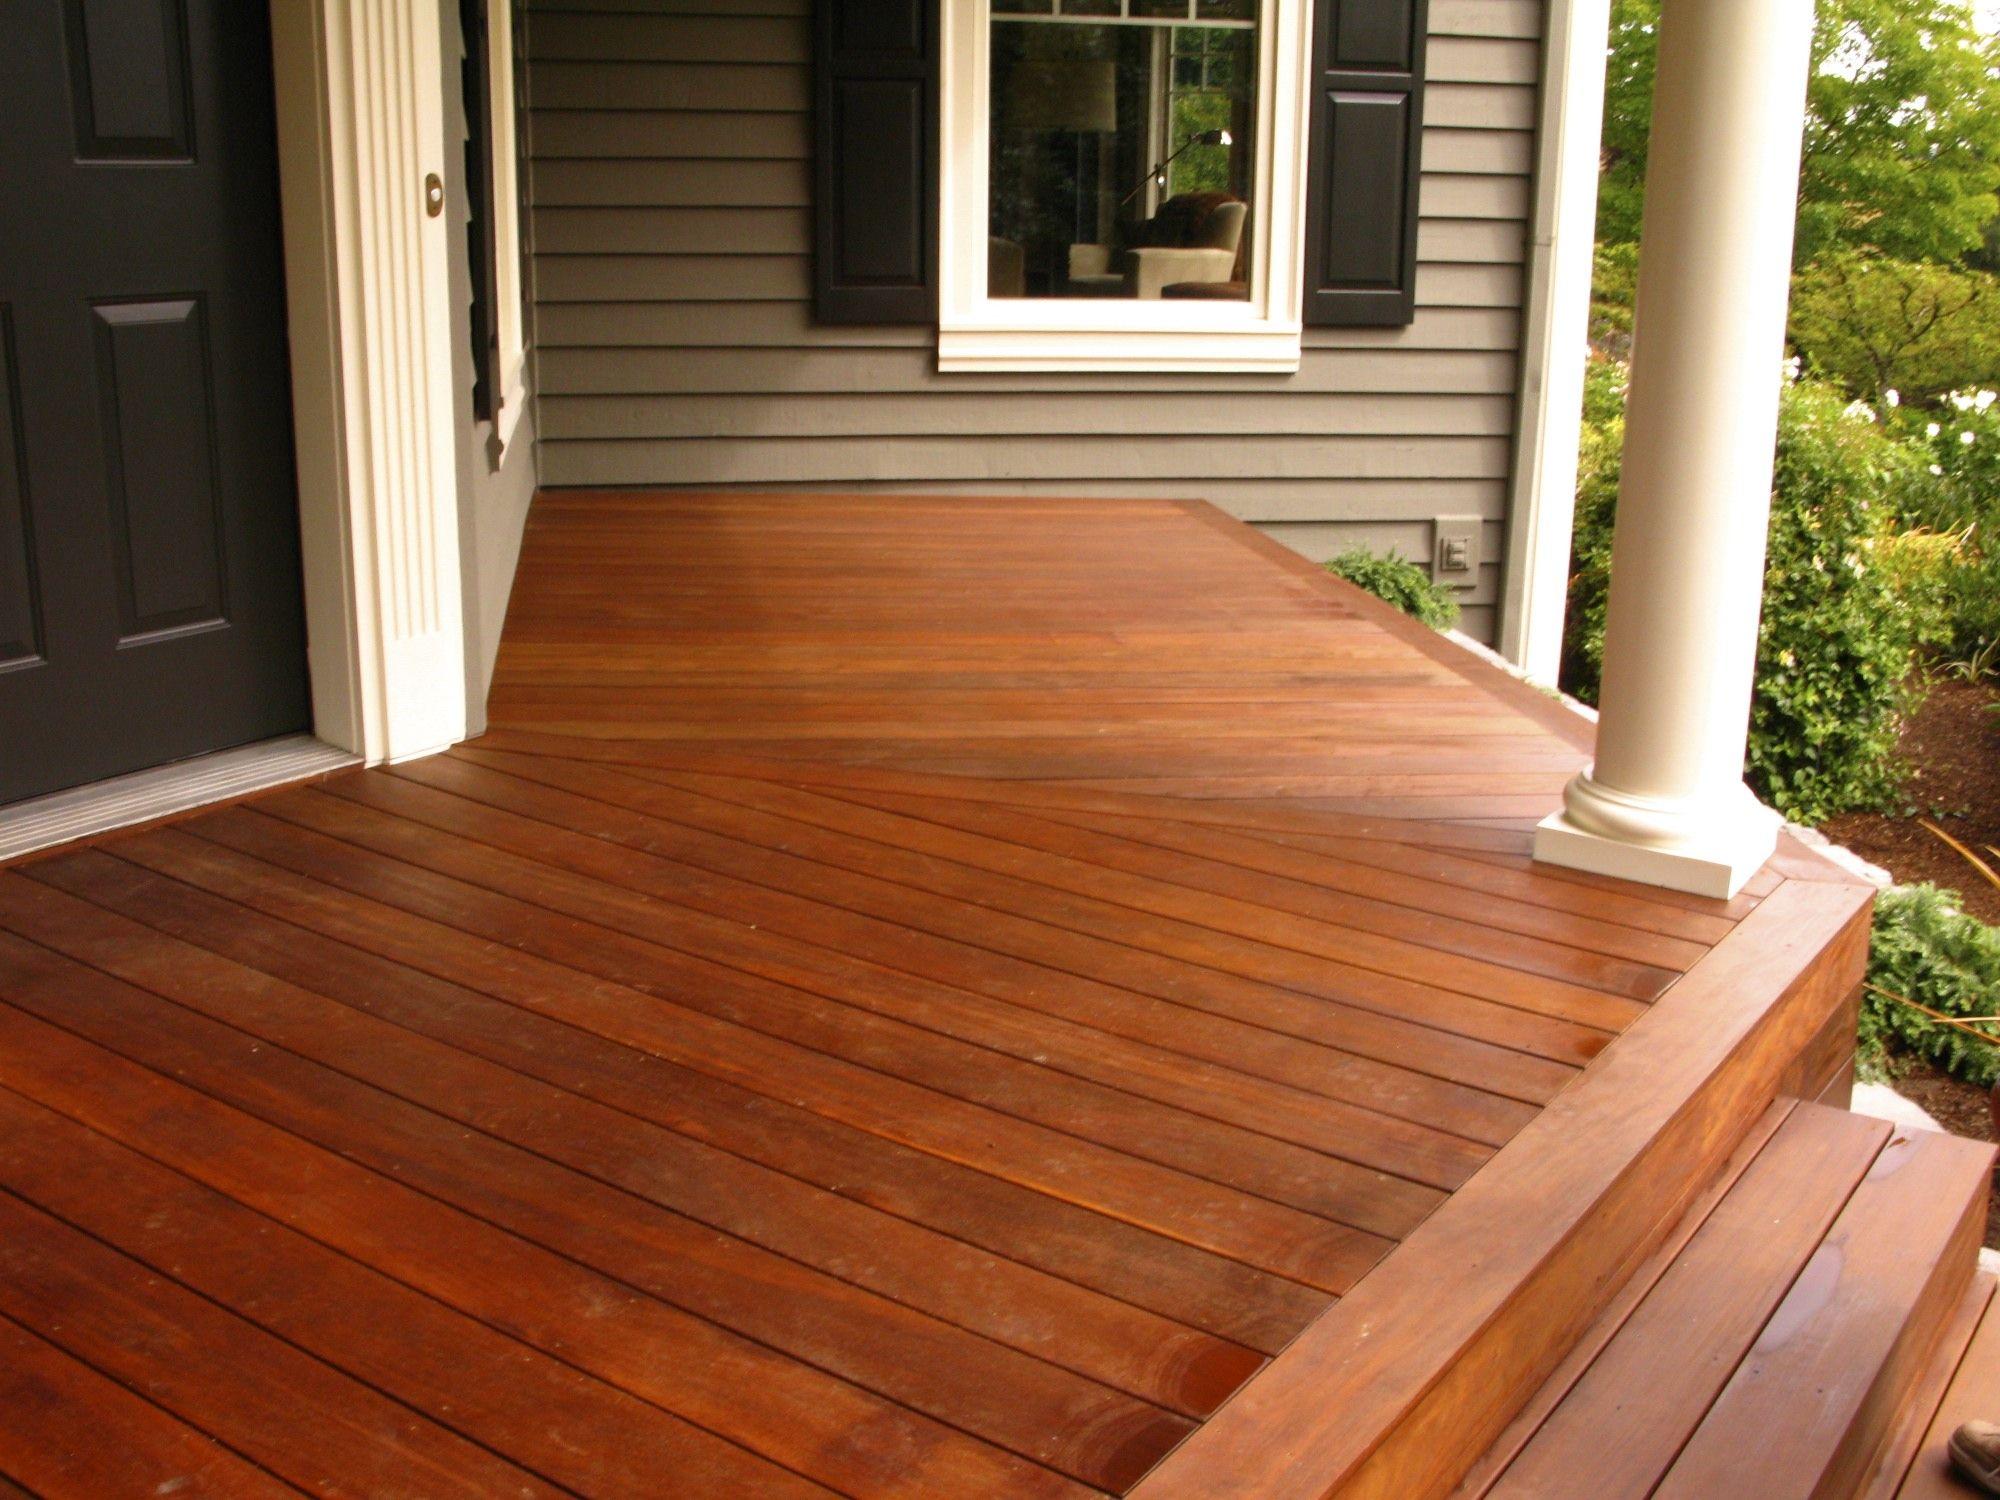 Stained Cedar Porch All American Deck Fencing Cedar Deck